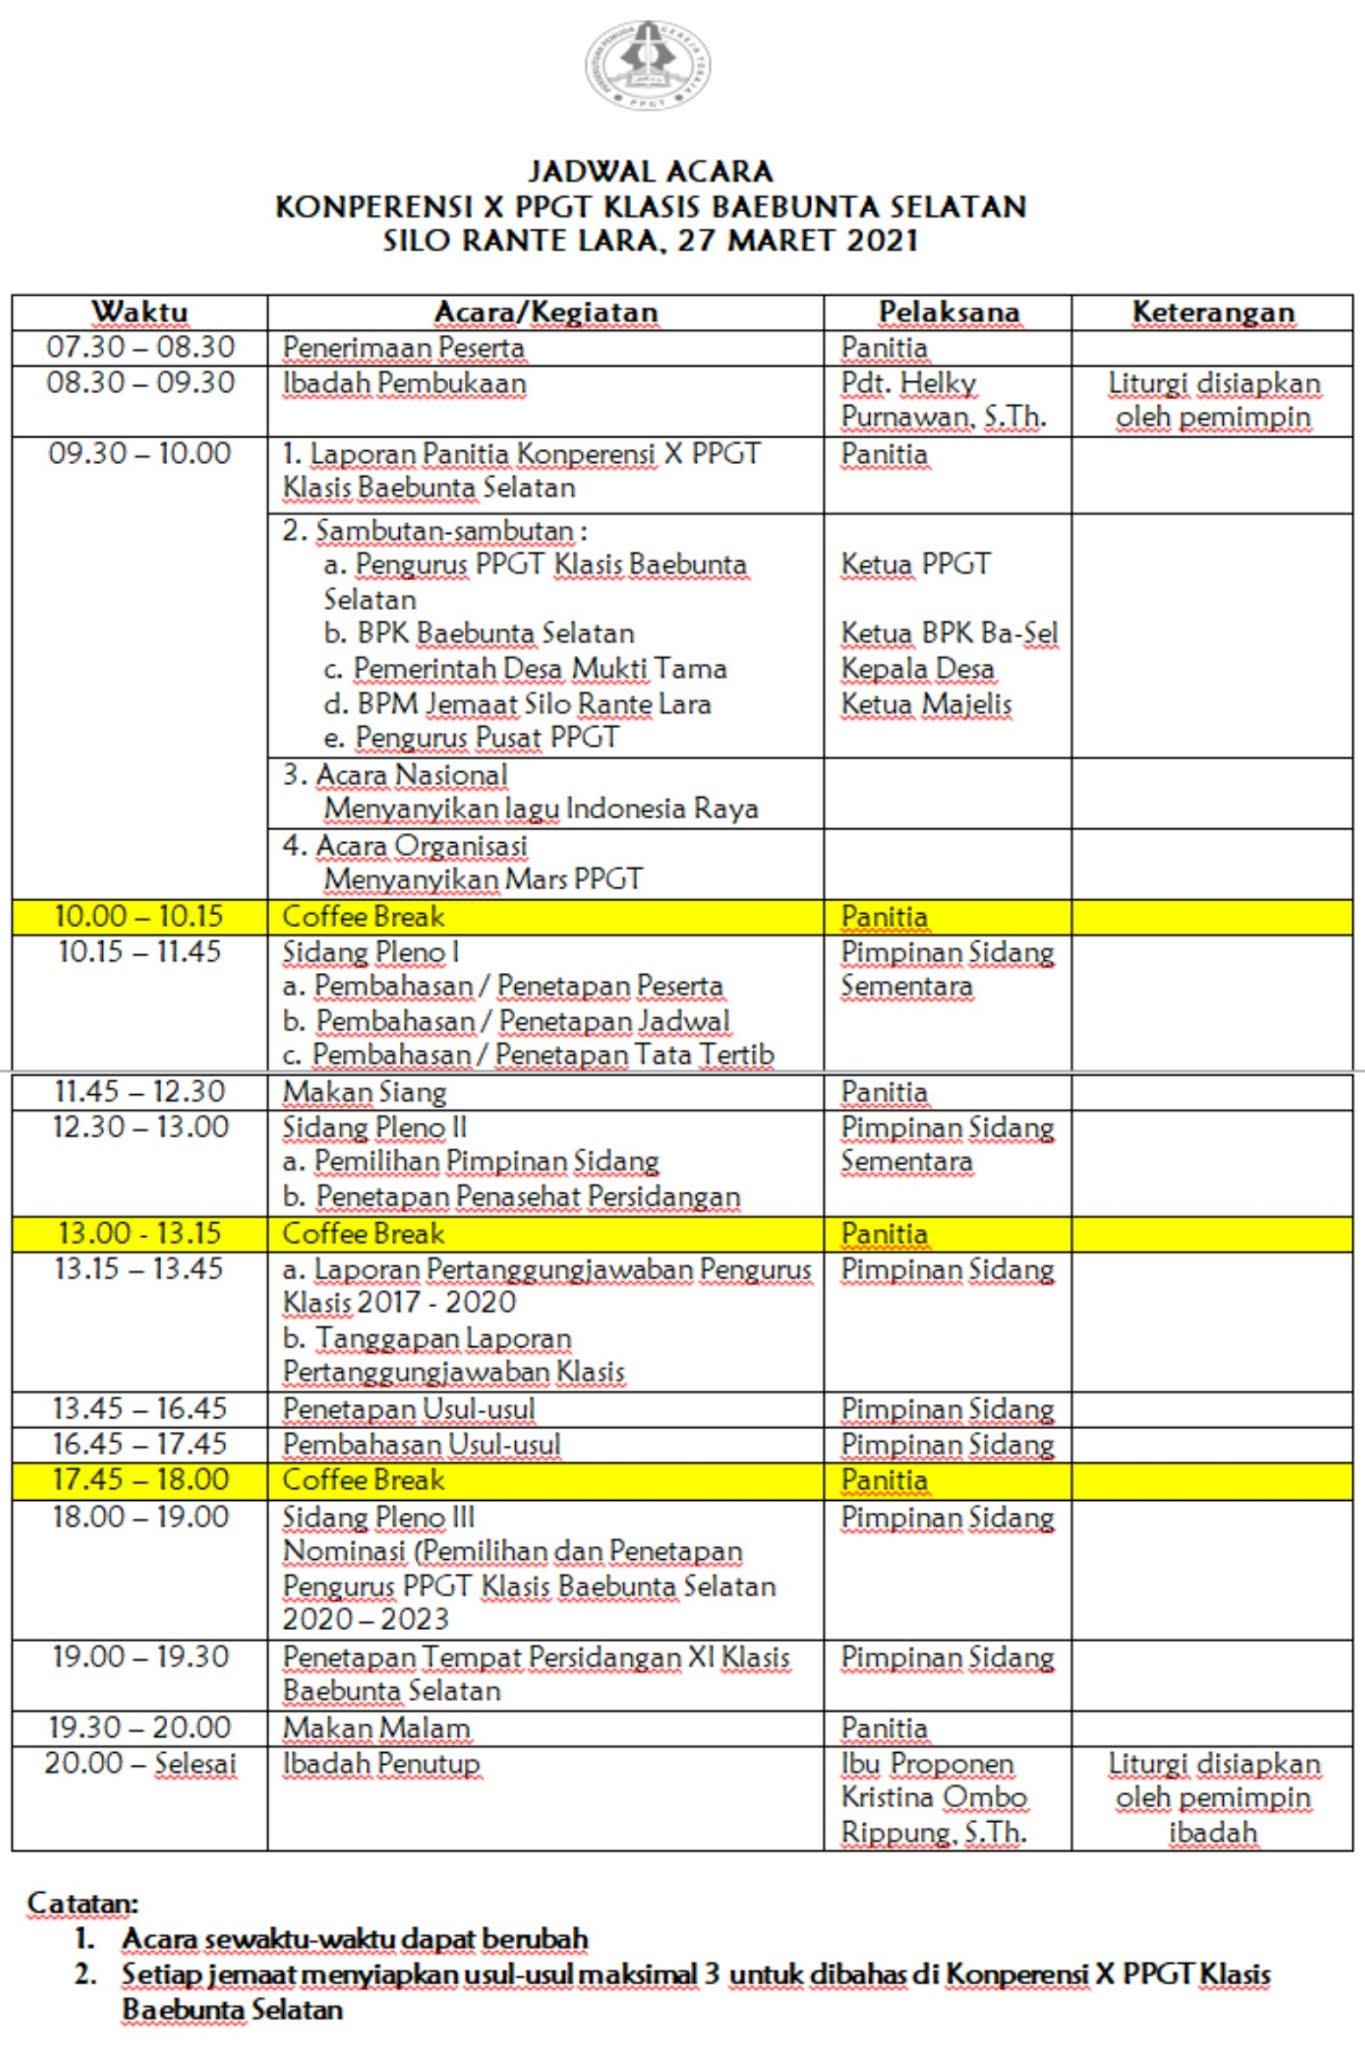 Contoh Jadwal Acara Konperensi PPGT